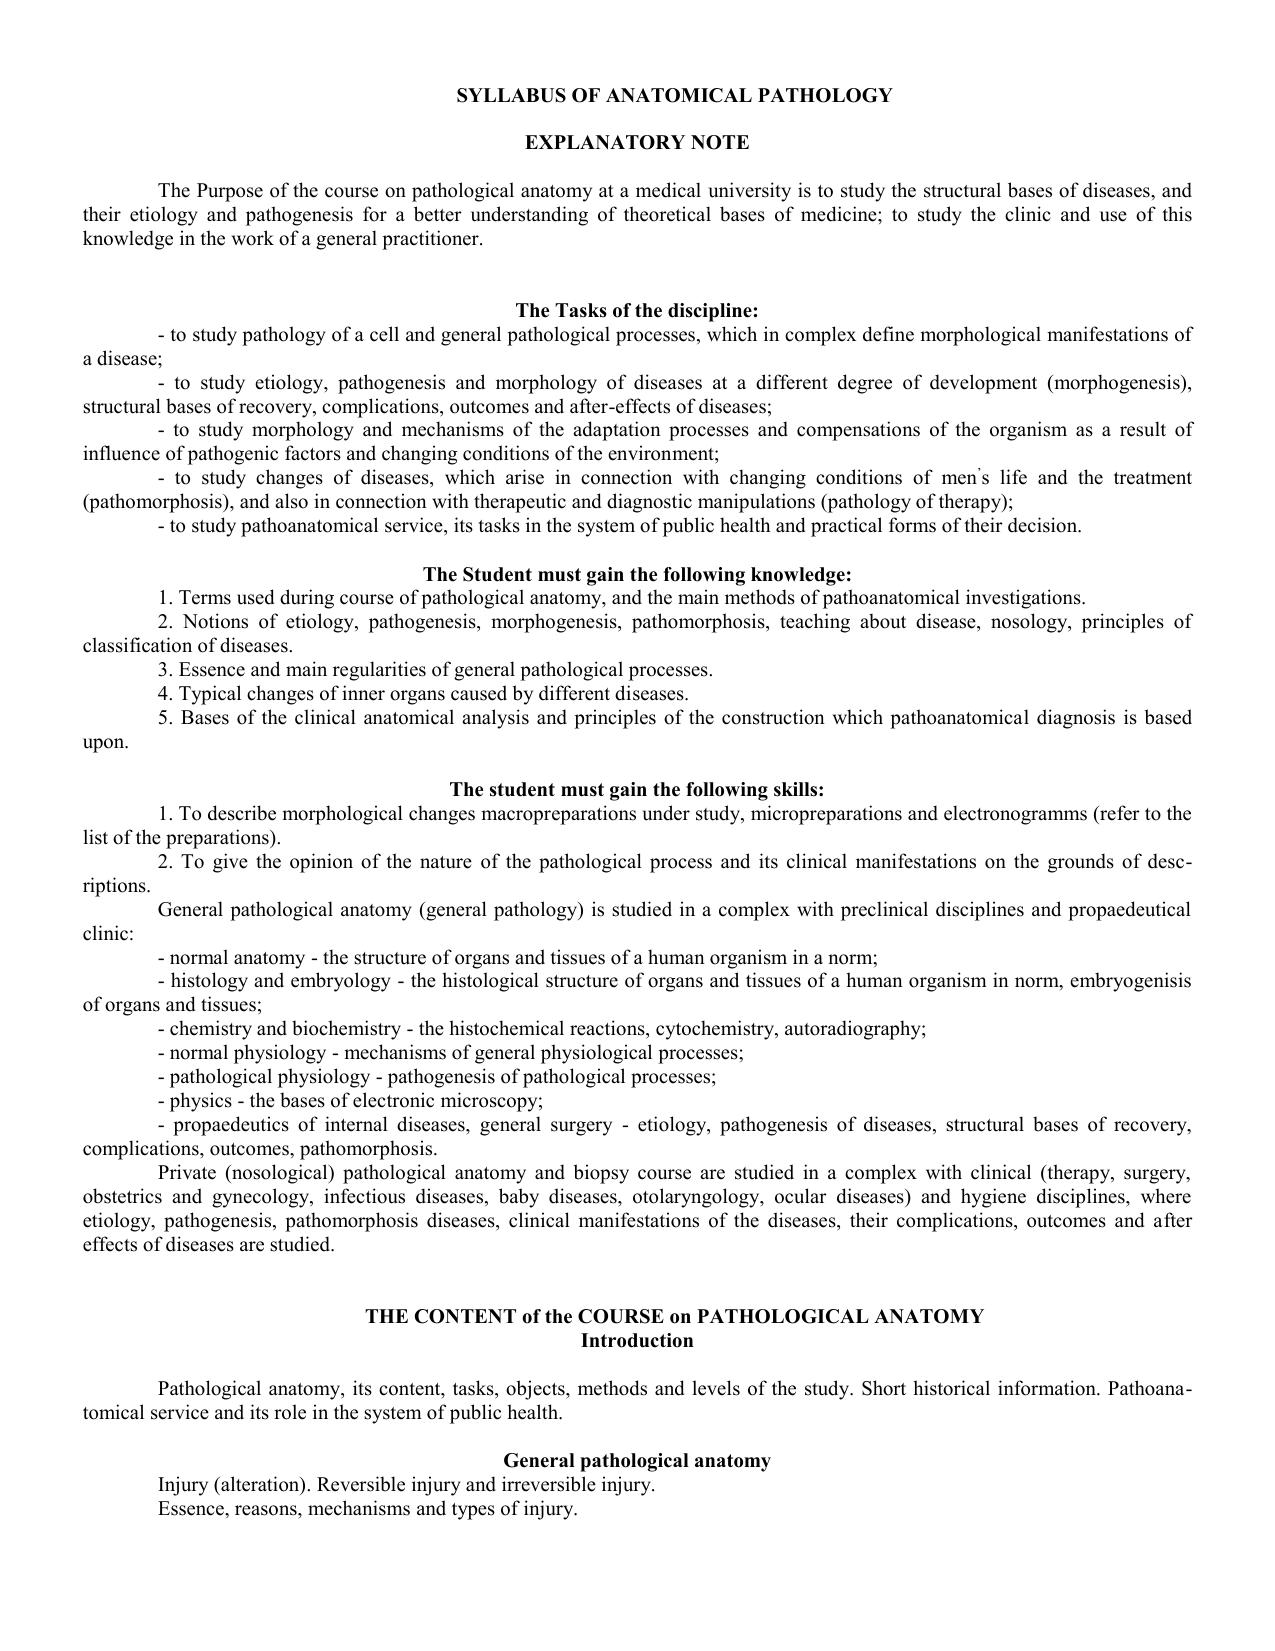 Form 1 - Volgmed.ru